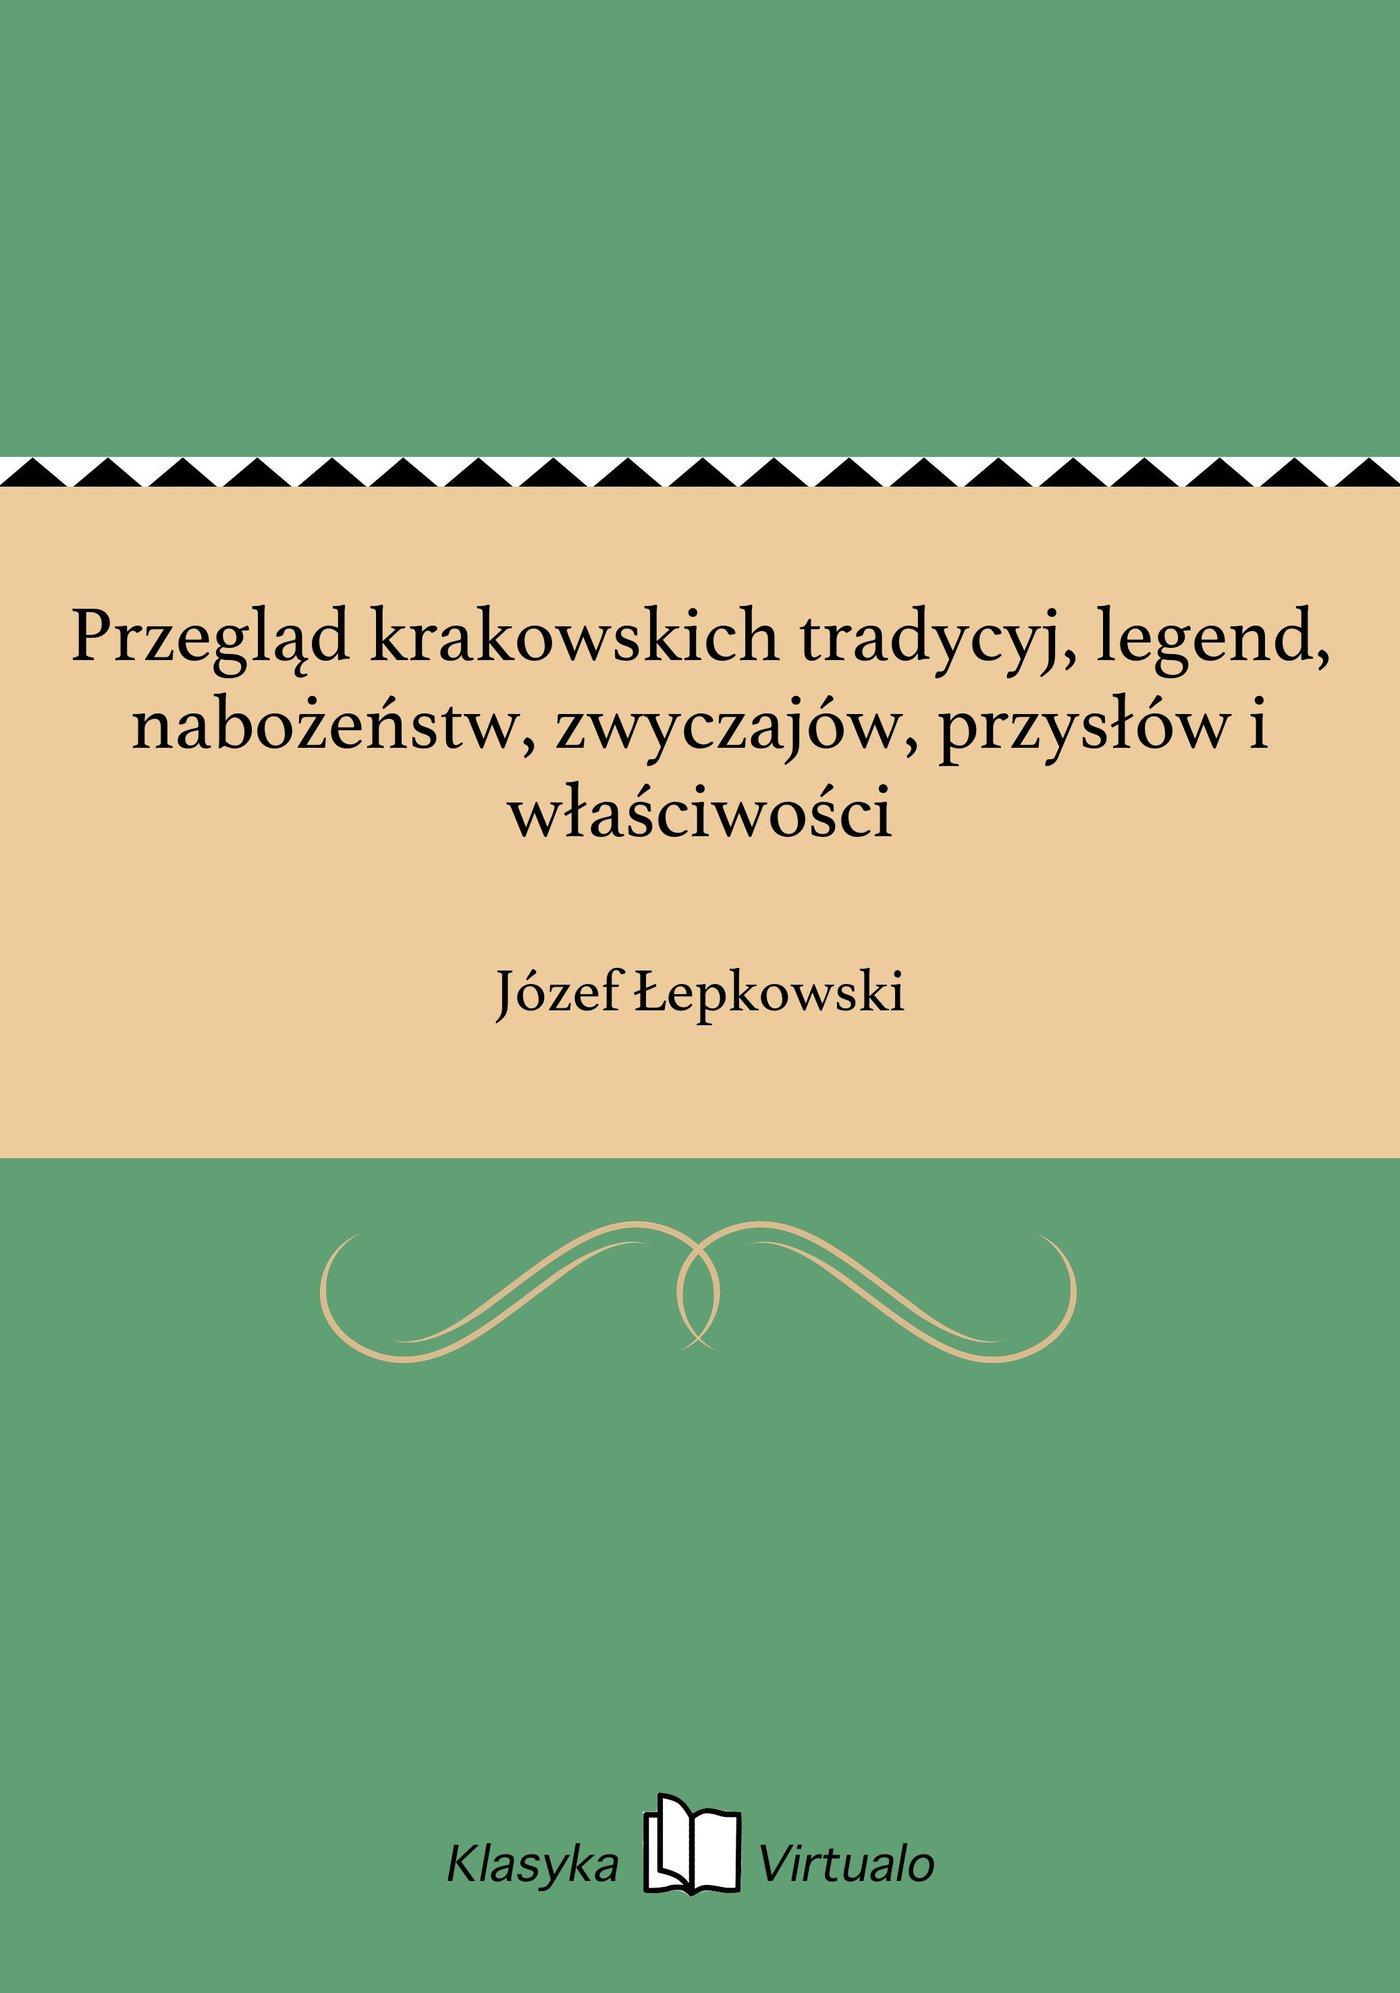 Przegląd krakowskich tradycyj, legend, nabożeństw, zwyczajów, przysłów i właściwości - Ebook (Książka EPUB) do pobrania w formacie EPUB